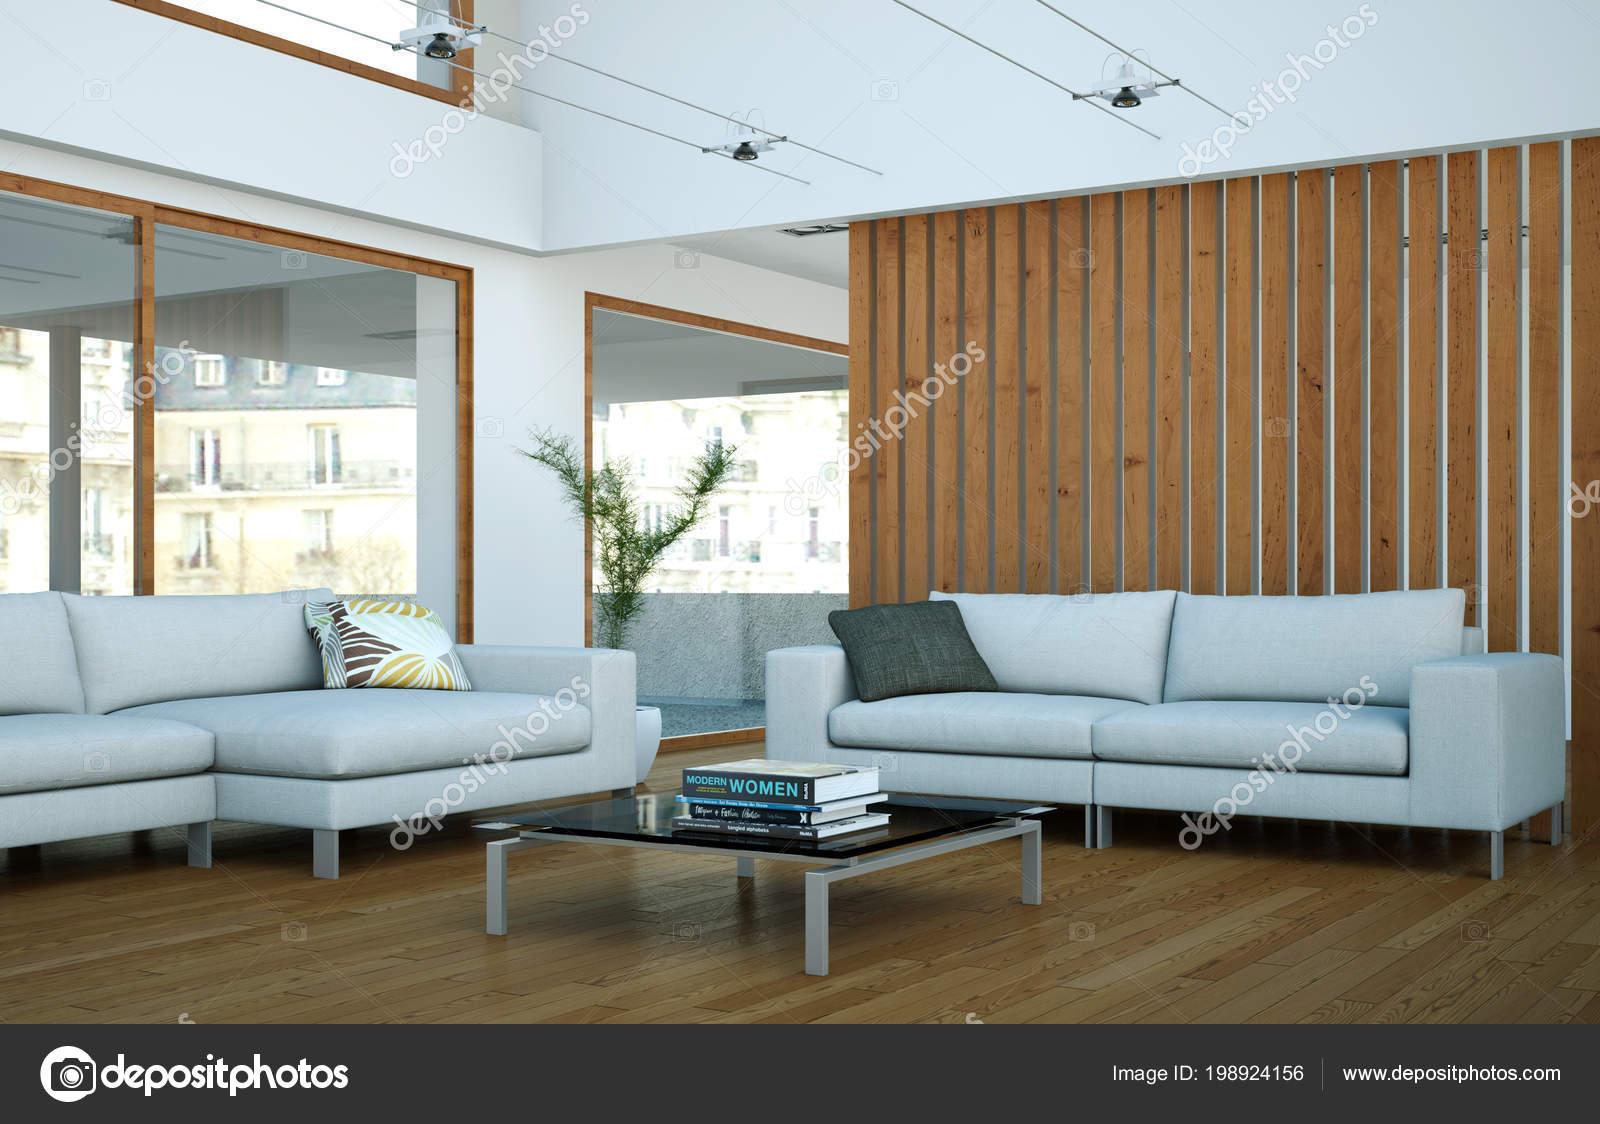 Imágenes: diseño de interiores | Diseño de interiores moderno ...